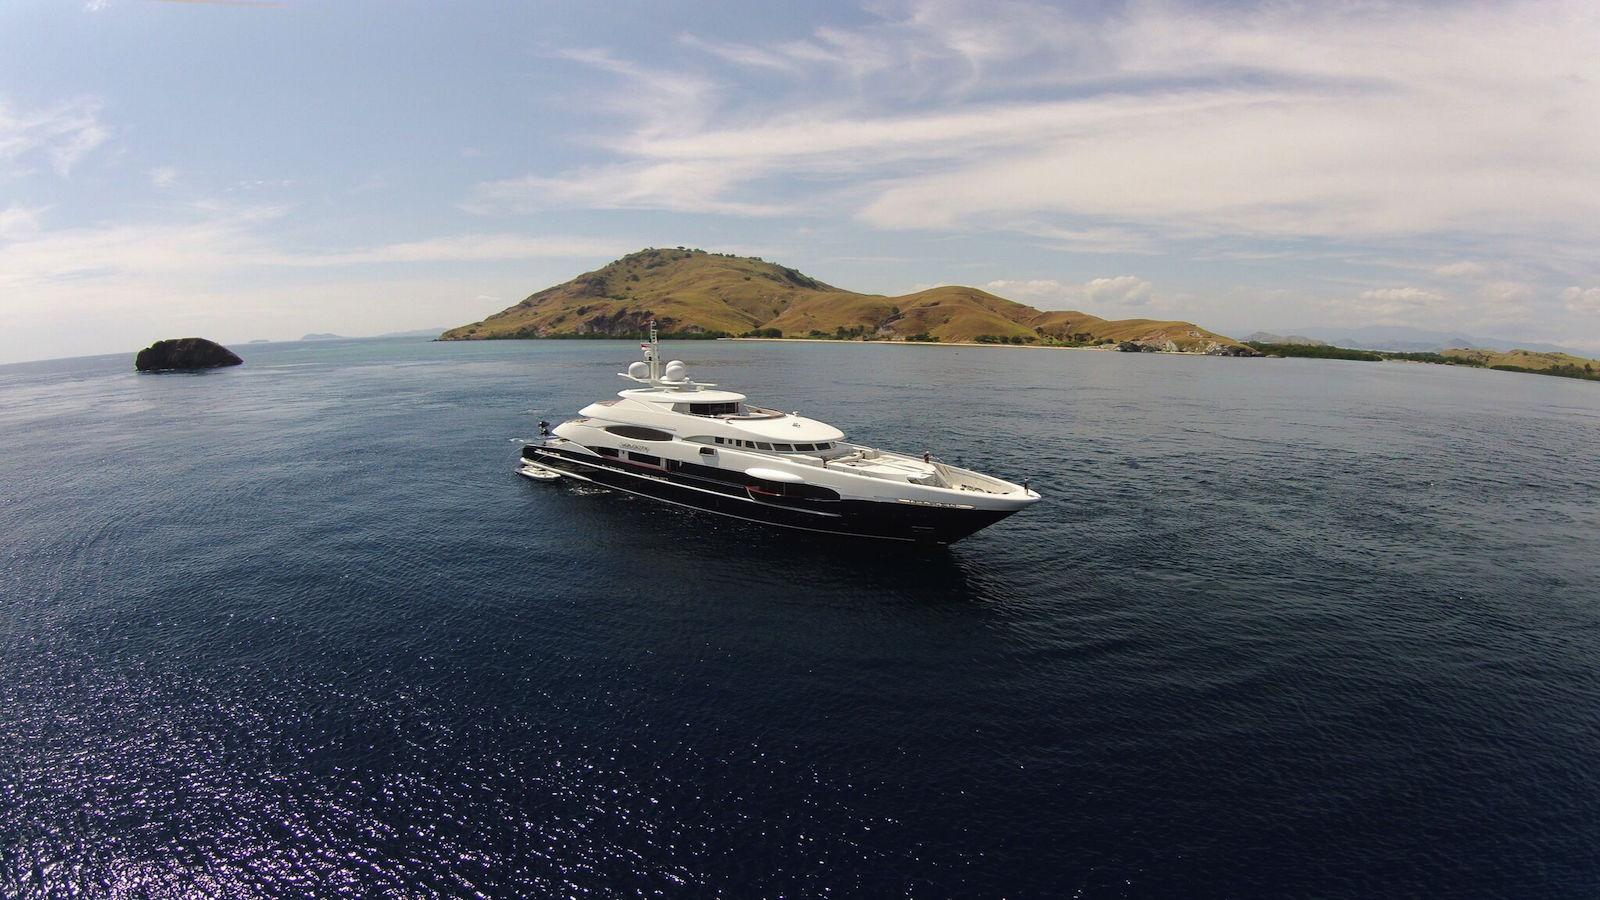 Motor Yacht Serenity - Heesen Yachts - 55 meter - Sold